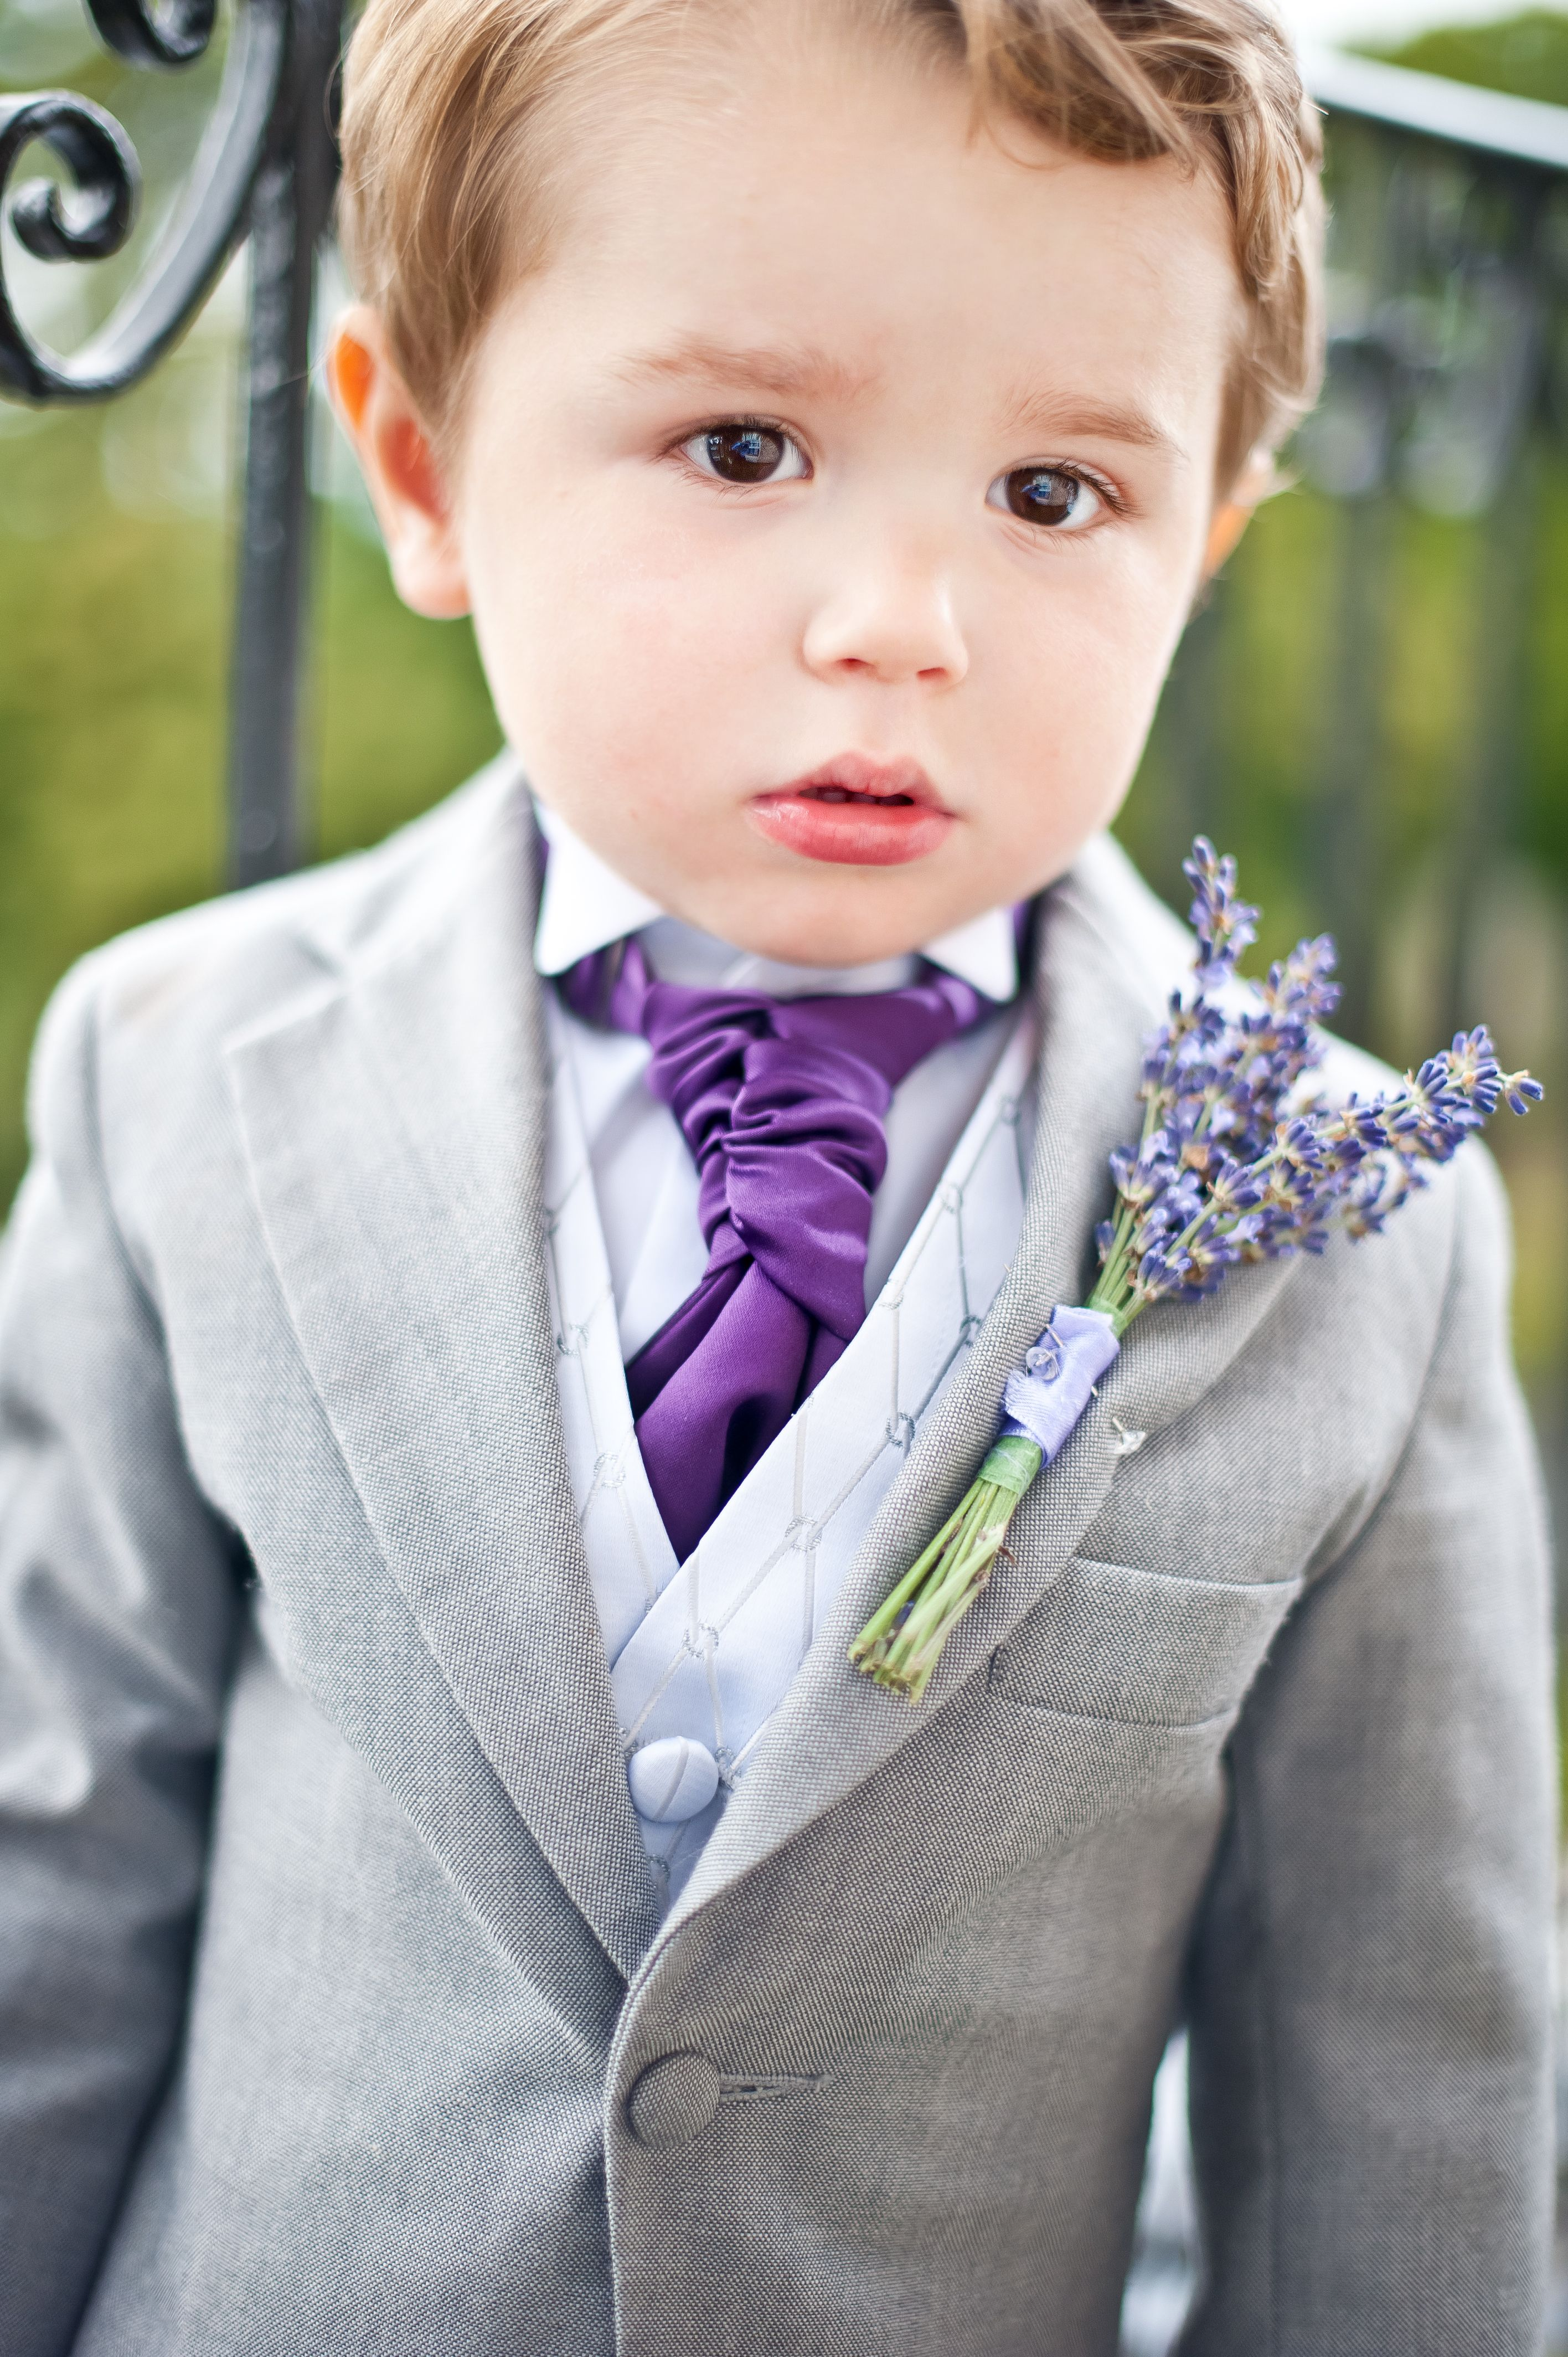 Netter Anzug für Brautjungfern in lila & violett ...